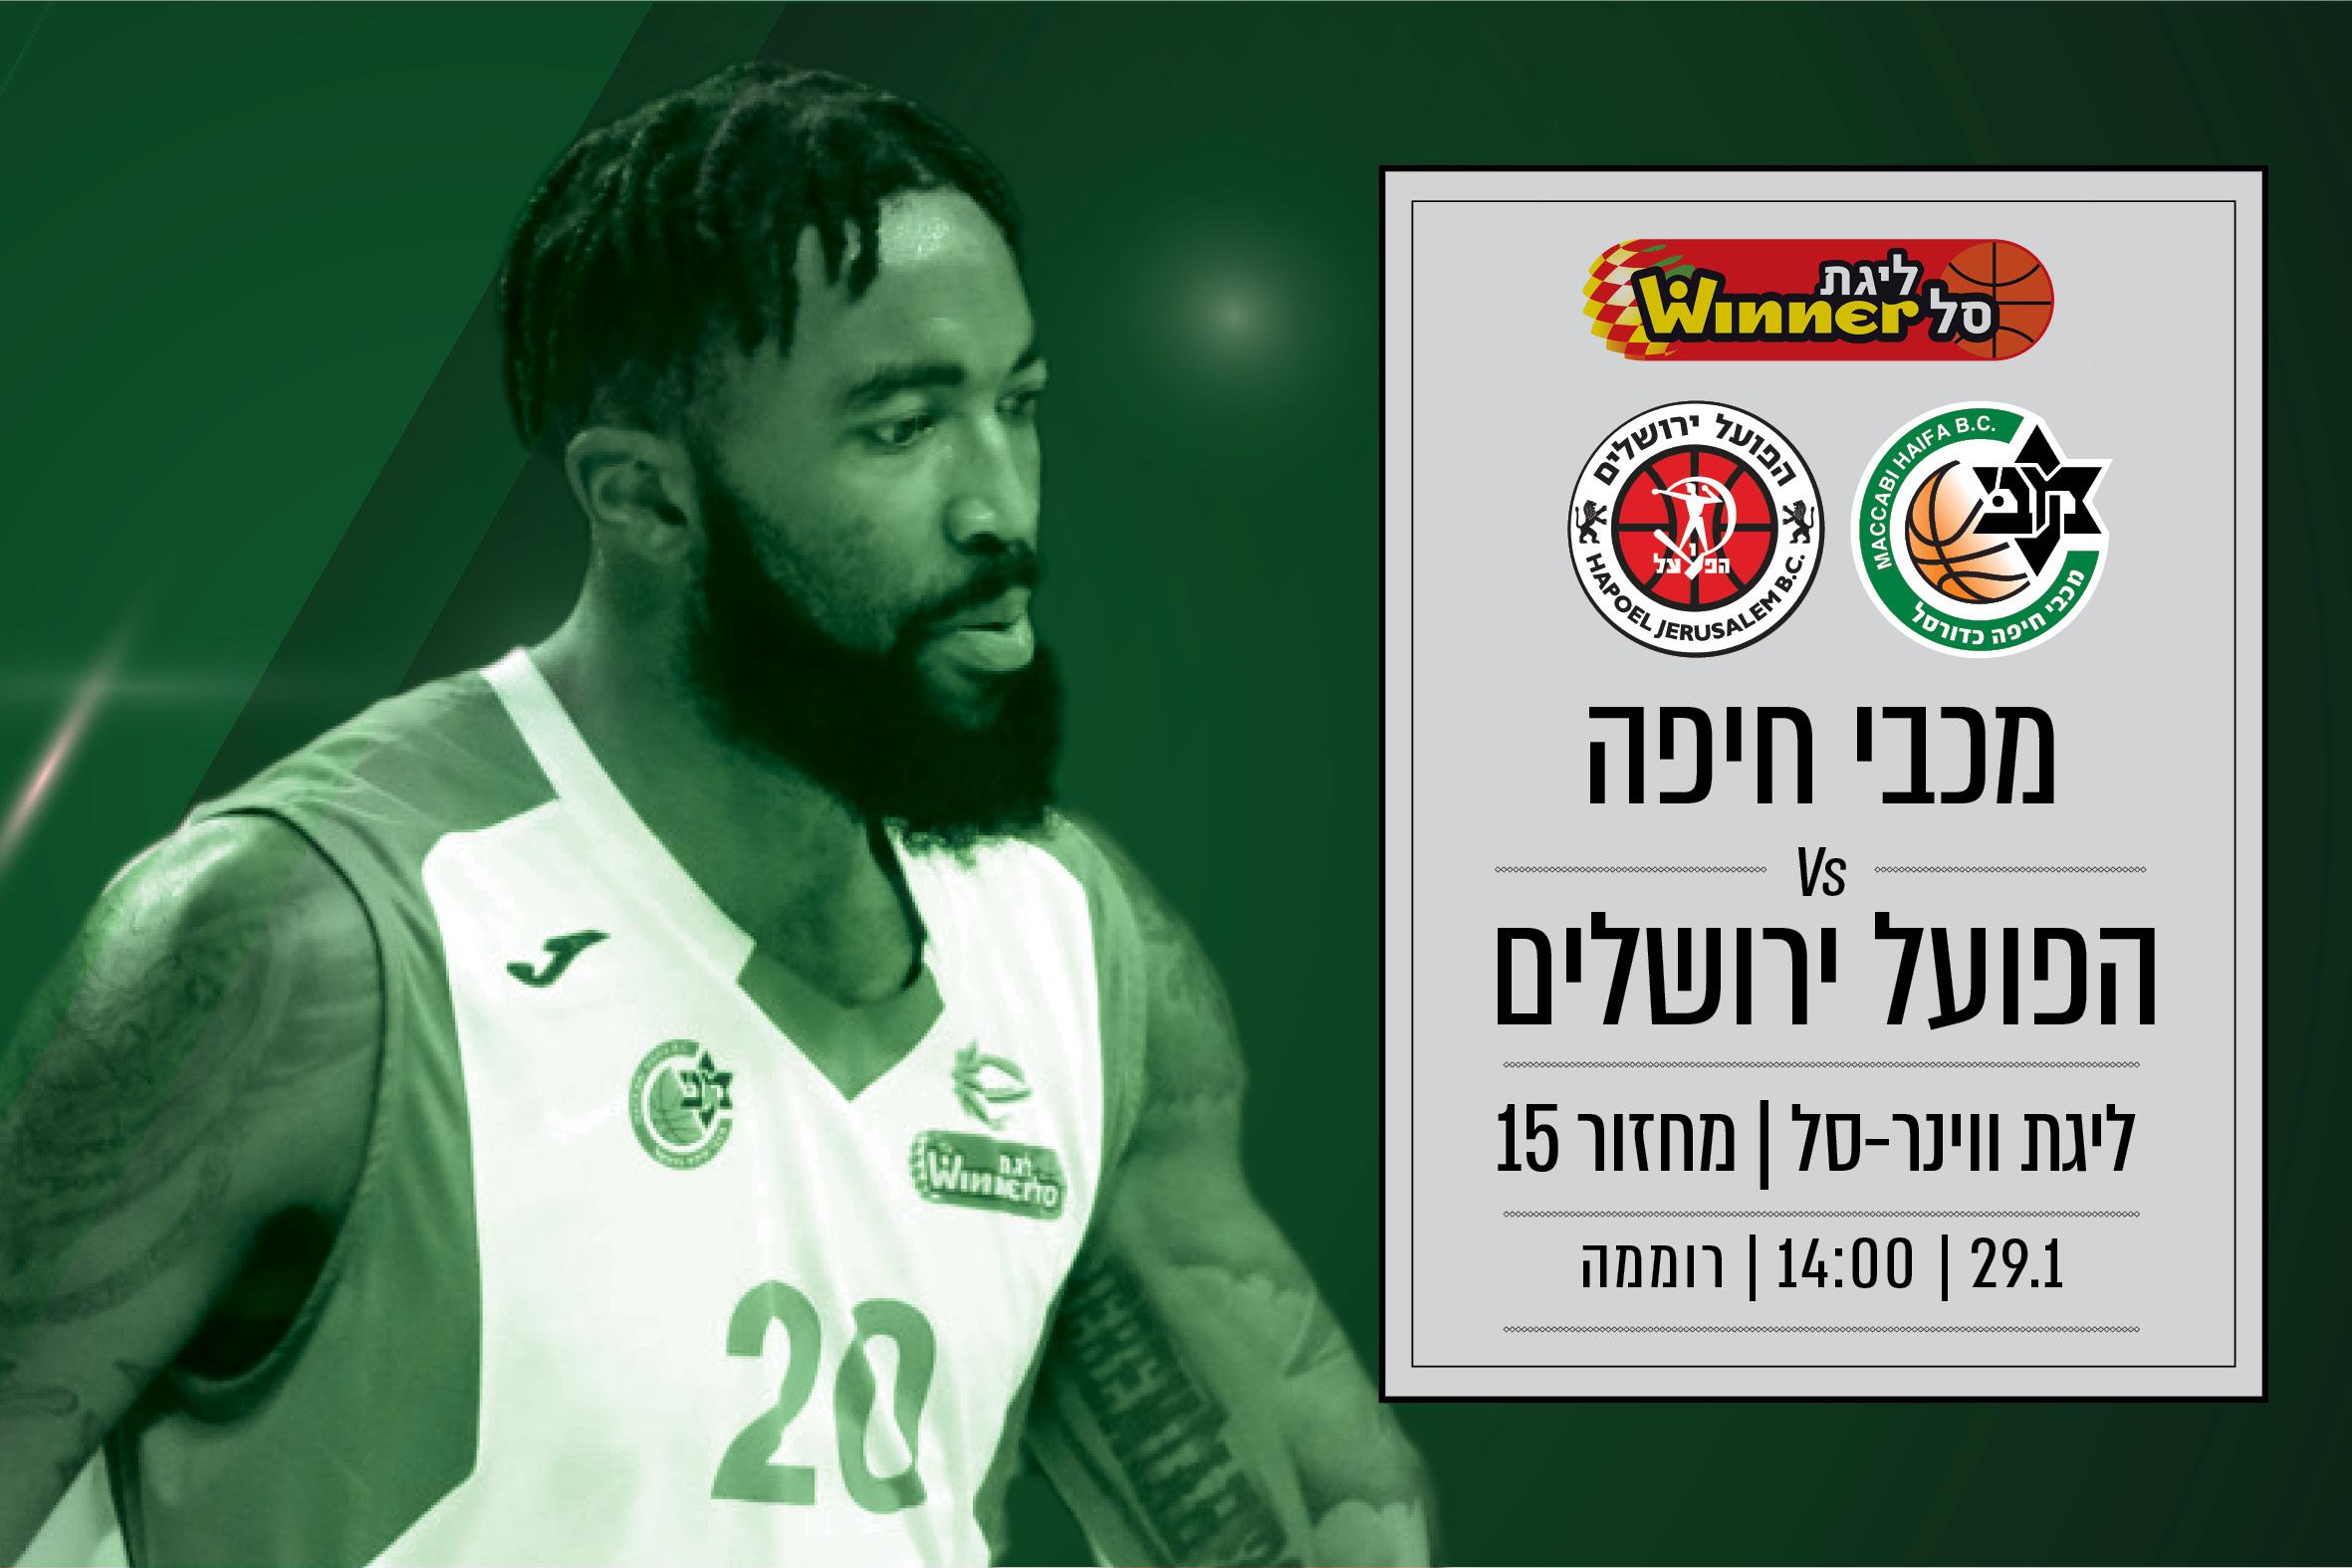 מכבי תארח את ירושלים למשחק קשה בניסיון לחבר שני ניצחונות ברצף